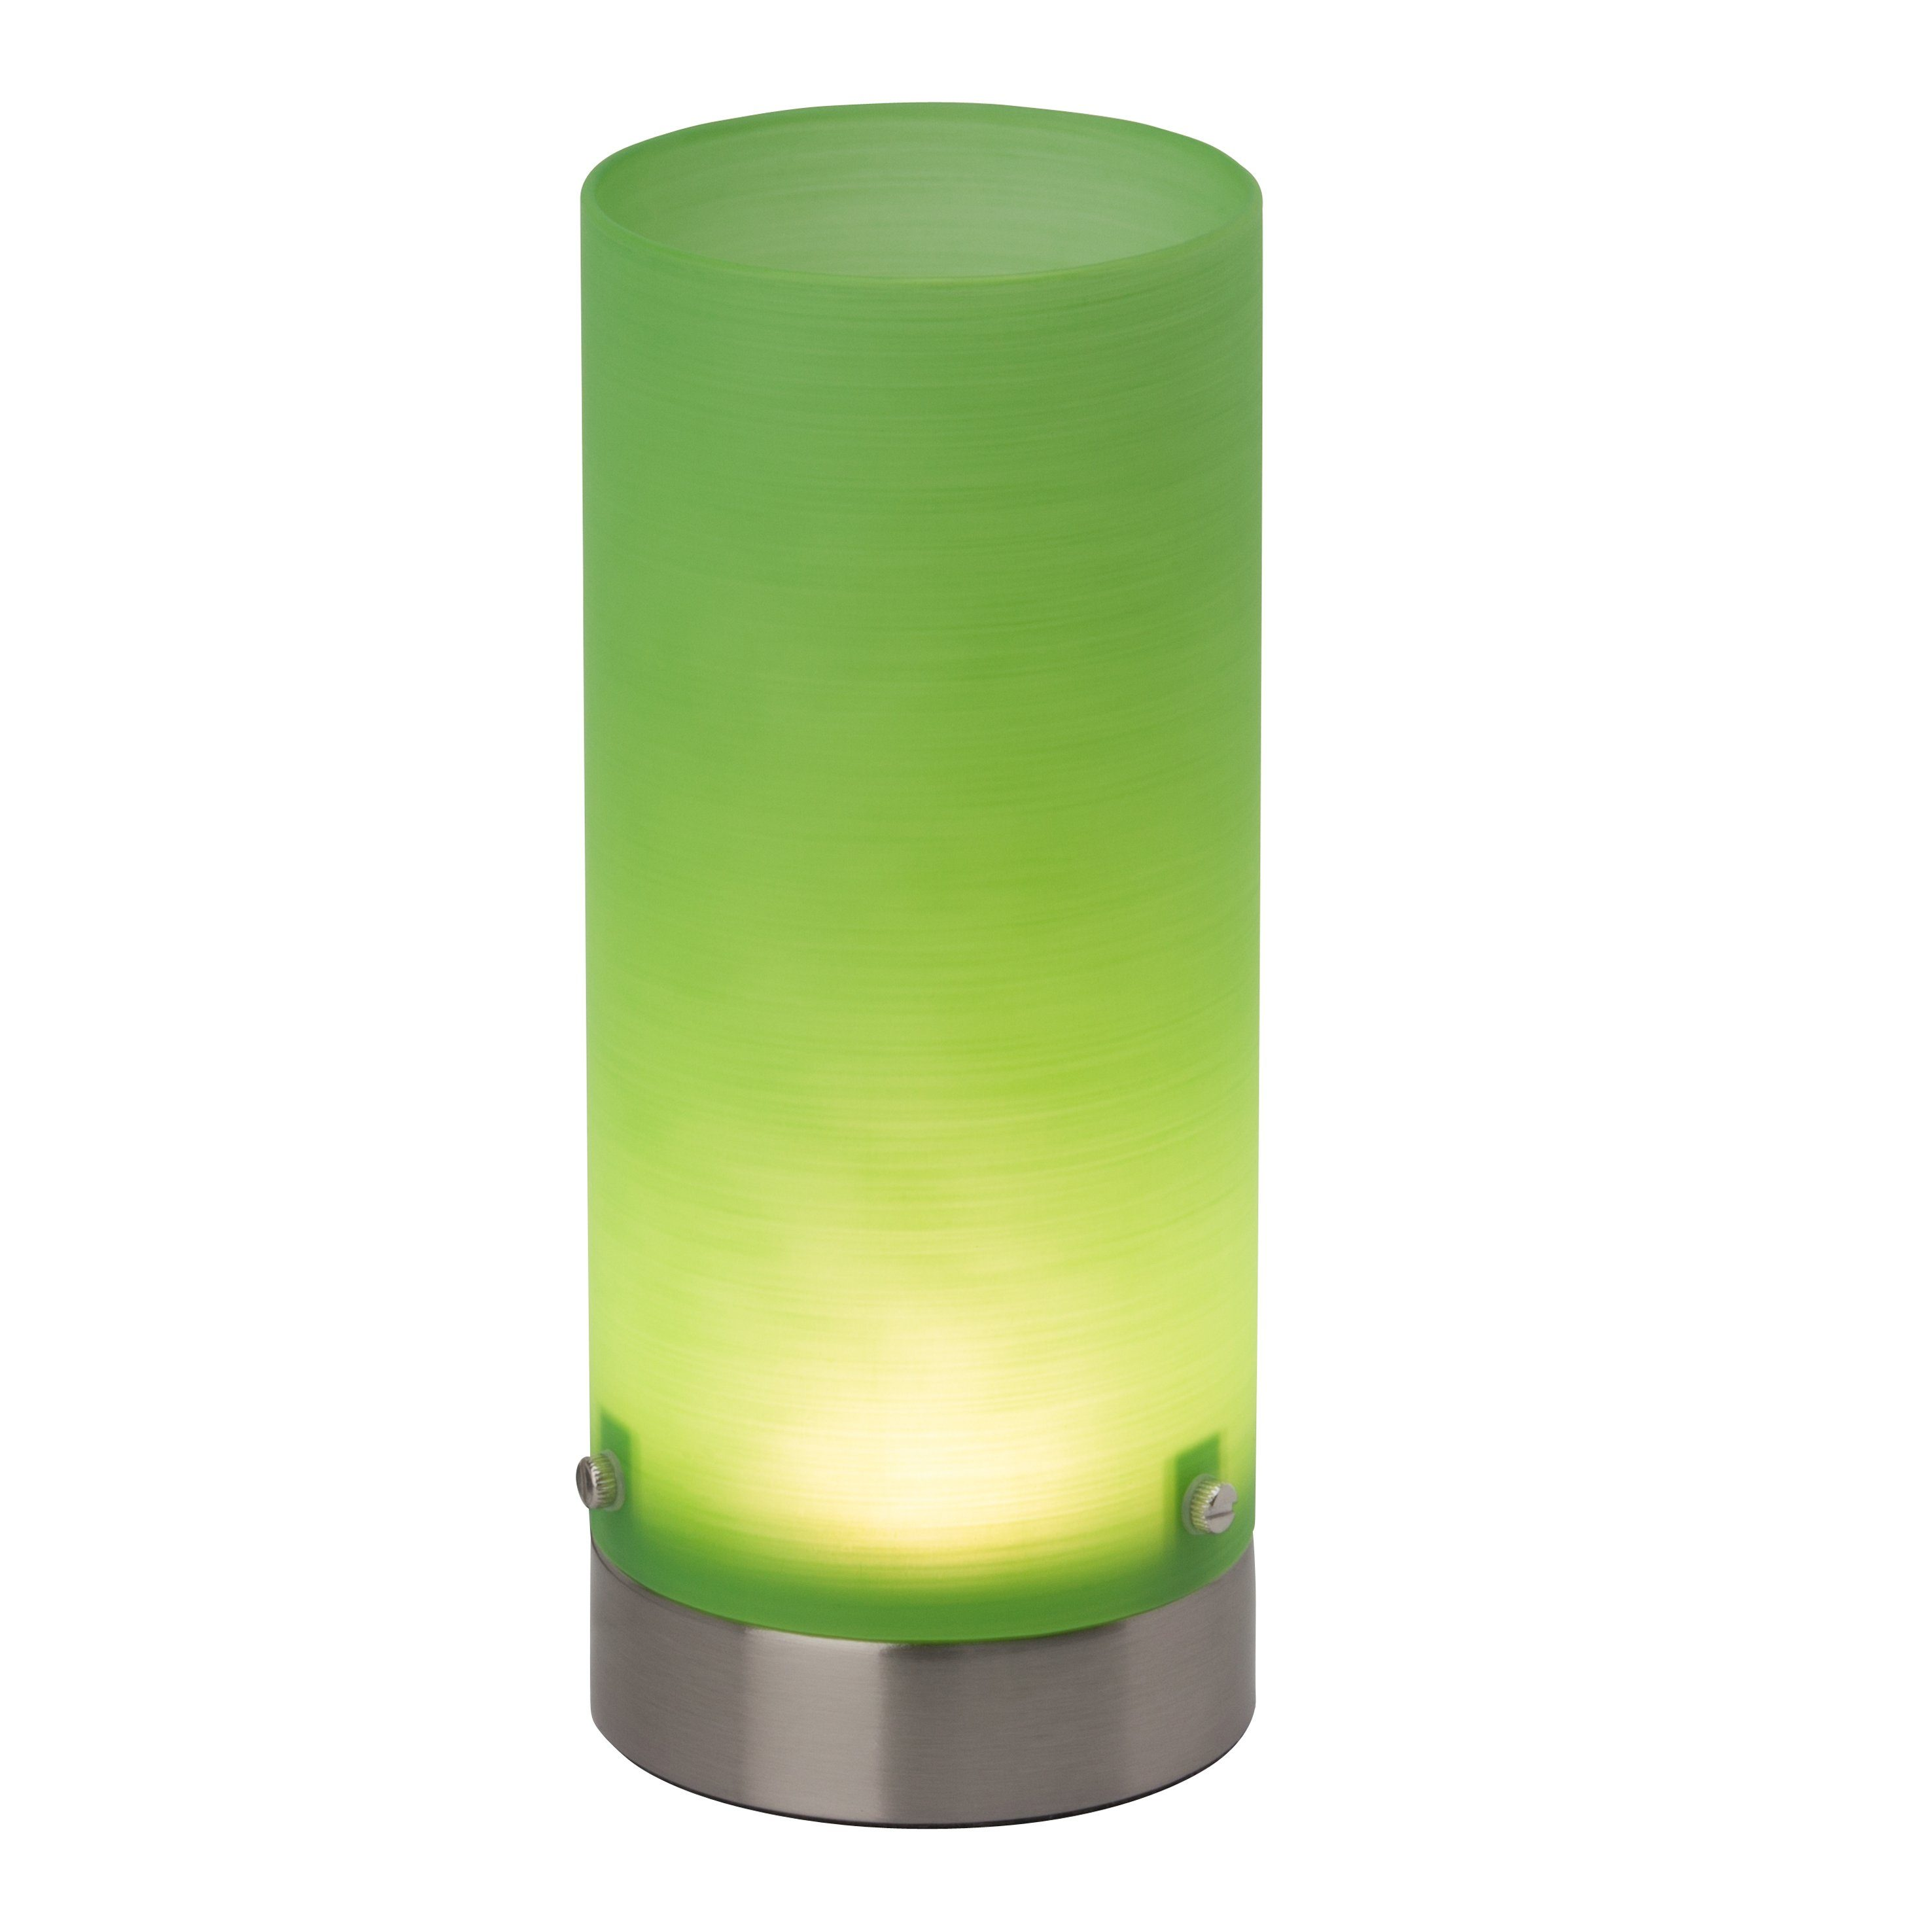 Brilliant Leuchten Daisy LED Tischleuchte eisen/grün